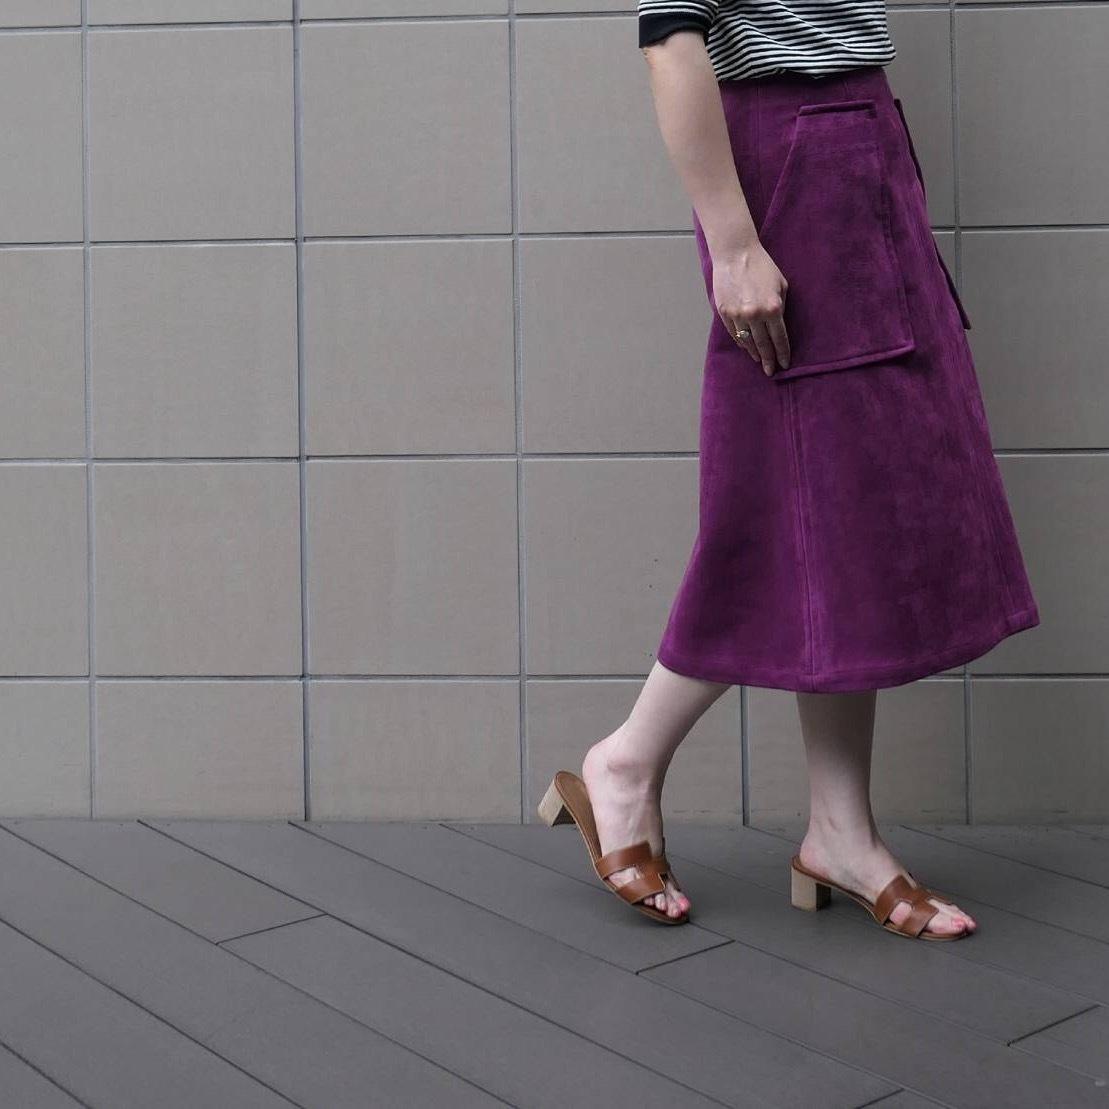 KU-UM×momo フェイクスエードAラインスカート パープル